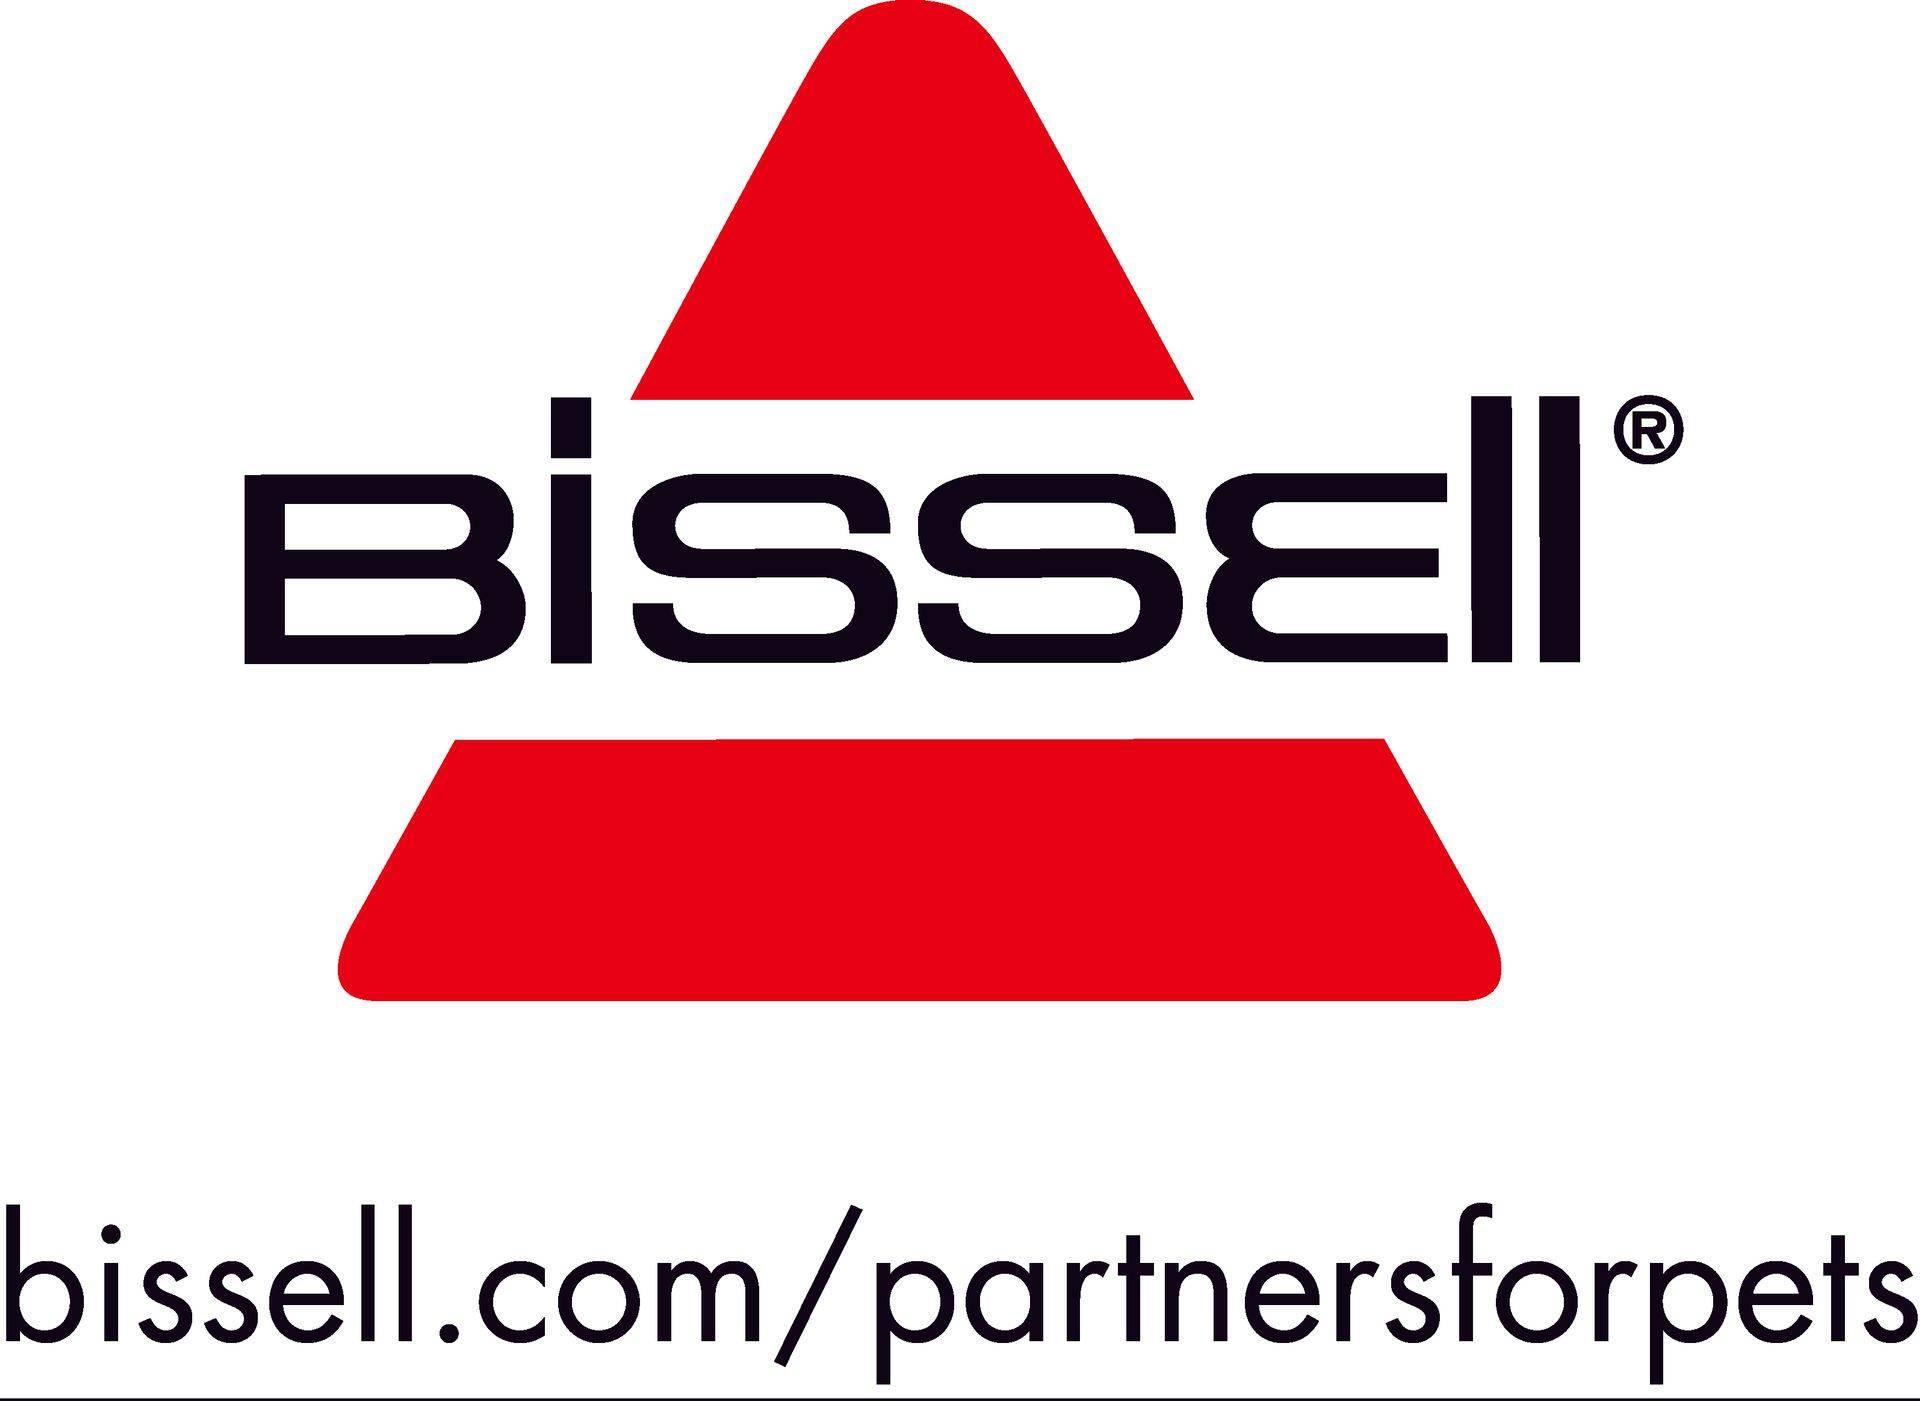 bissel